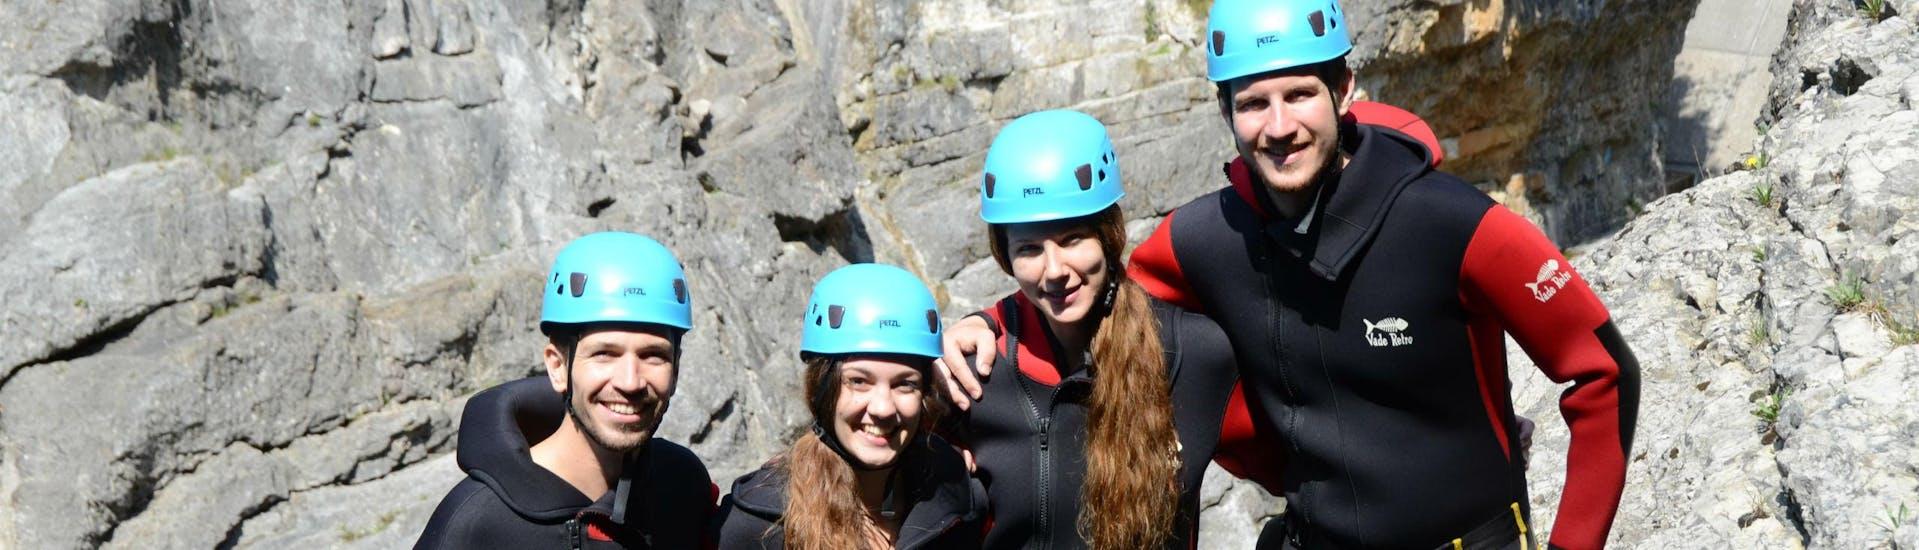 Eine Freundesgruppe posiert bei ihrer Canyoning Tour für ein Gruppenfoto.